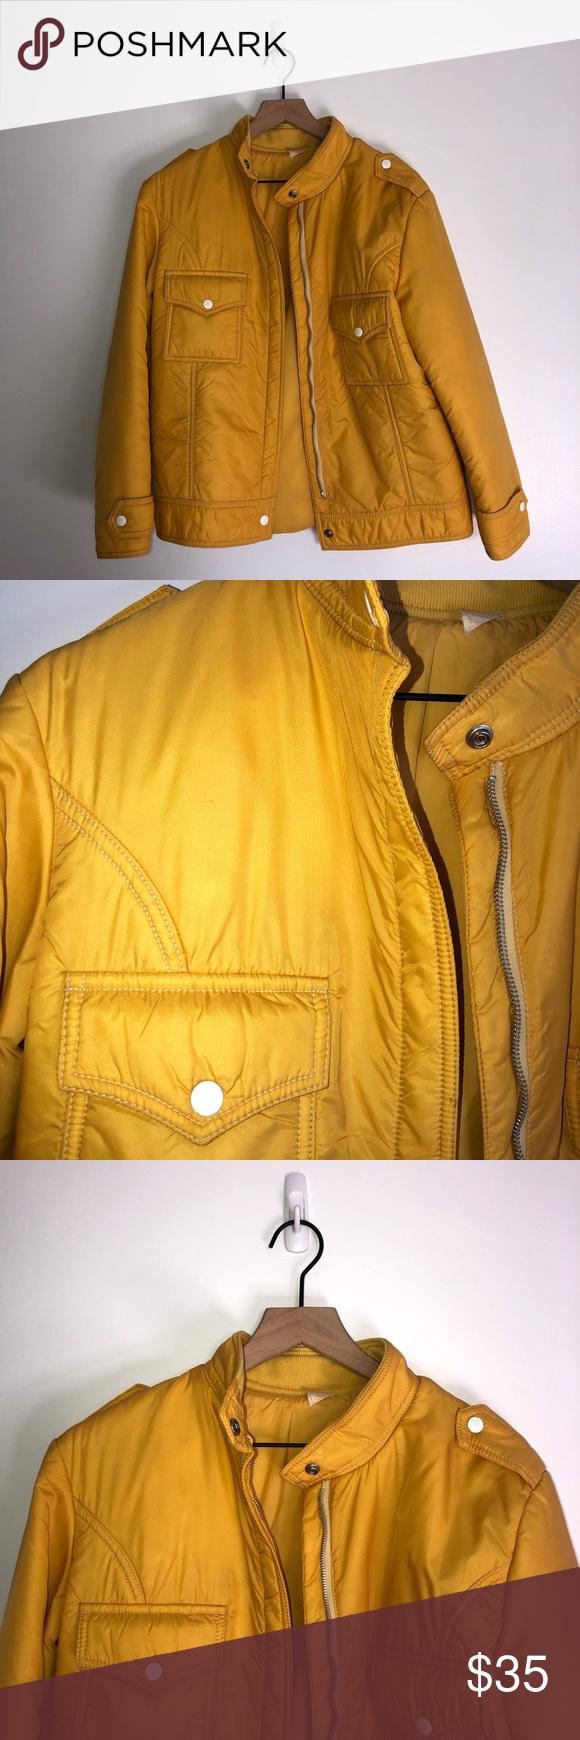 Pre Owned Vintage Yellow Jacket Vintage Jacket Vintage Yellow Jackets